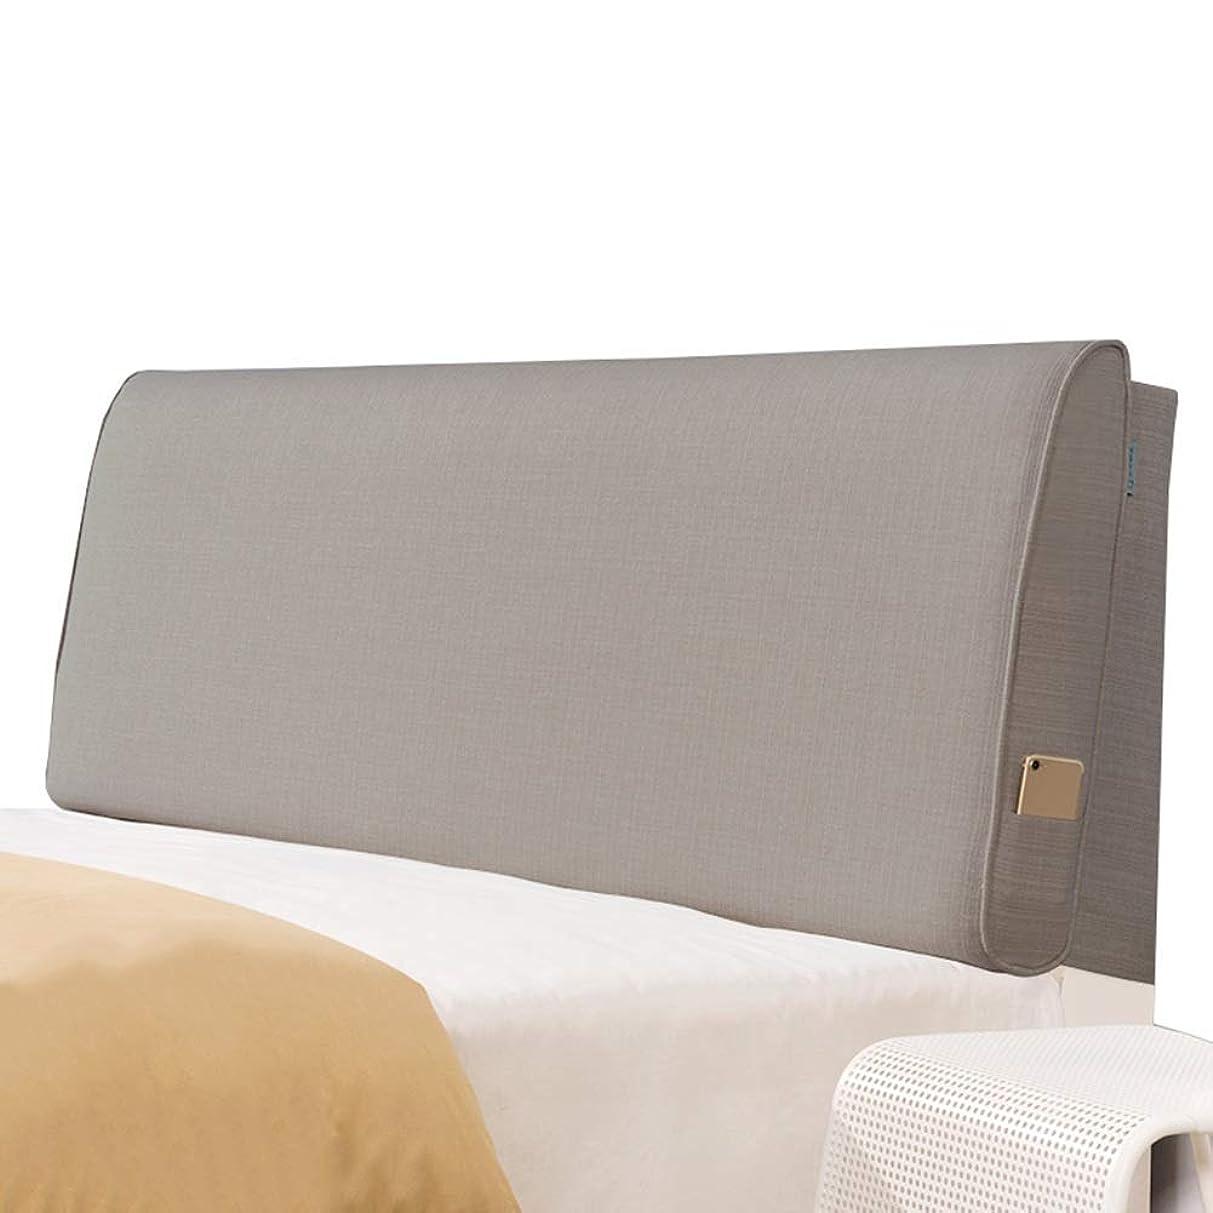 フィッティング請願者学習者WZBヘッドボードクッション衝突防止枕亜麻通気性快適で快適なウエストをサポート、5サイズ、6色(色:A-茶色、サイズ:120x60x10cm)